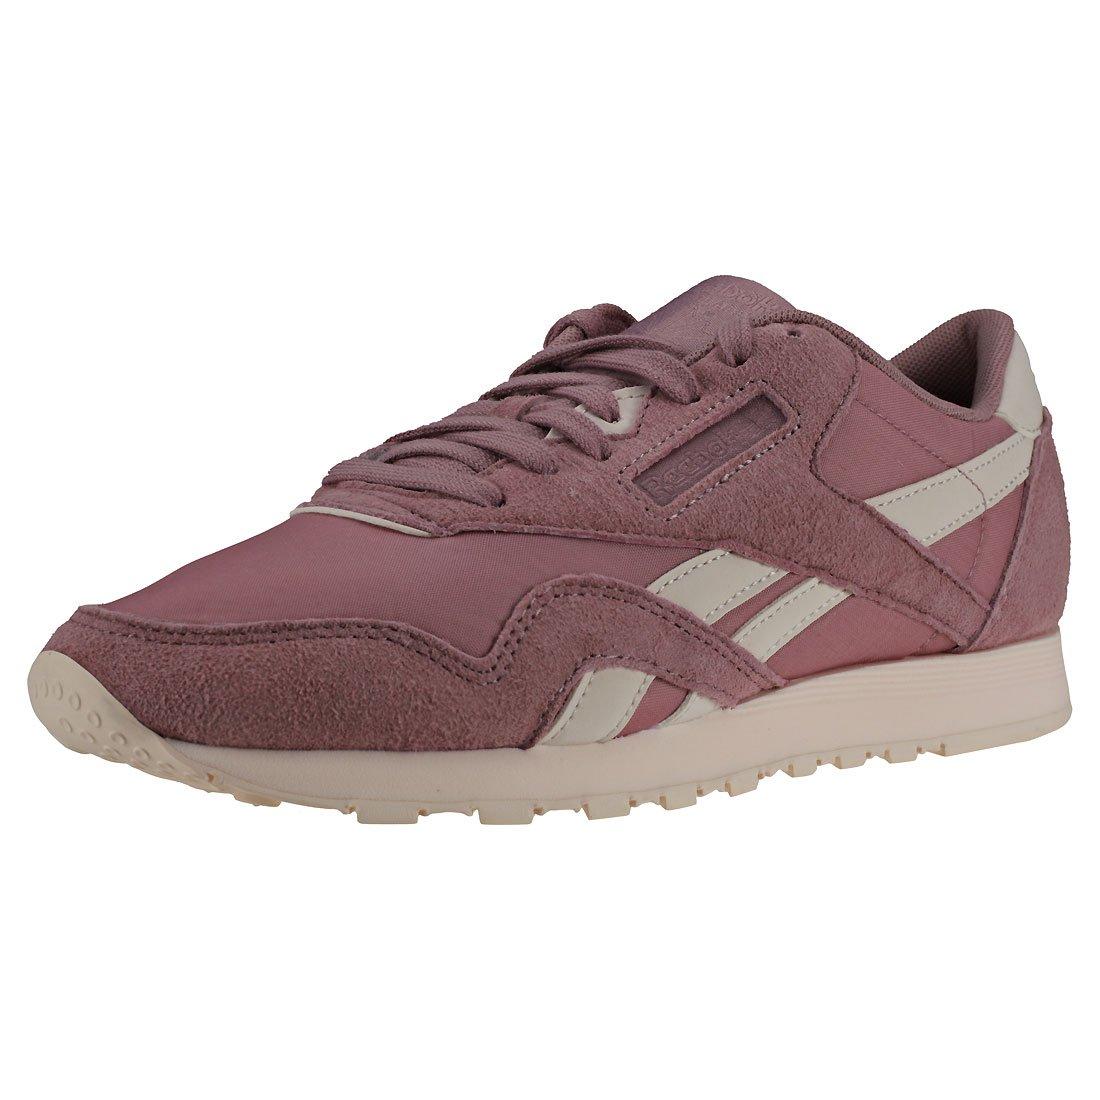 Reebok Cl Nylon, Zapatillas de Deporte para Mujer 36 EU|Multicolor (Seasonal/Infused Lilac/Pale Pink 000)